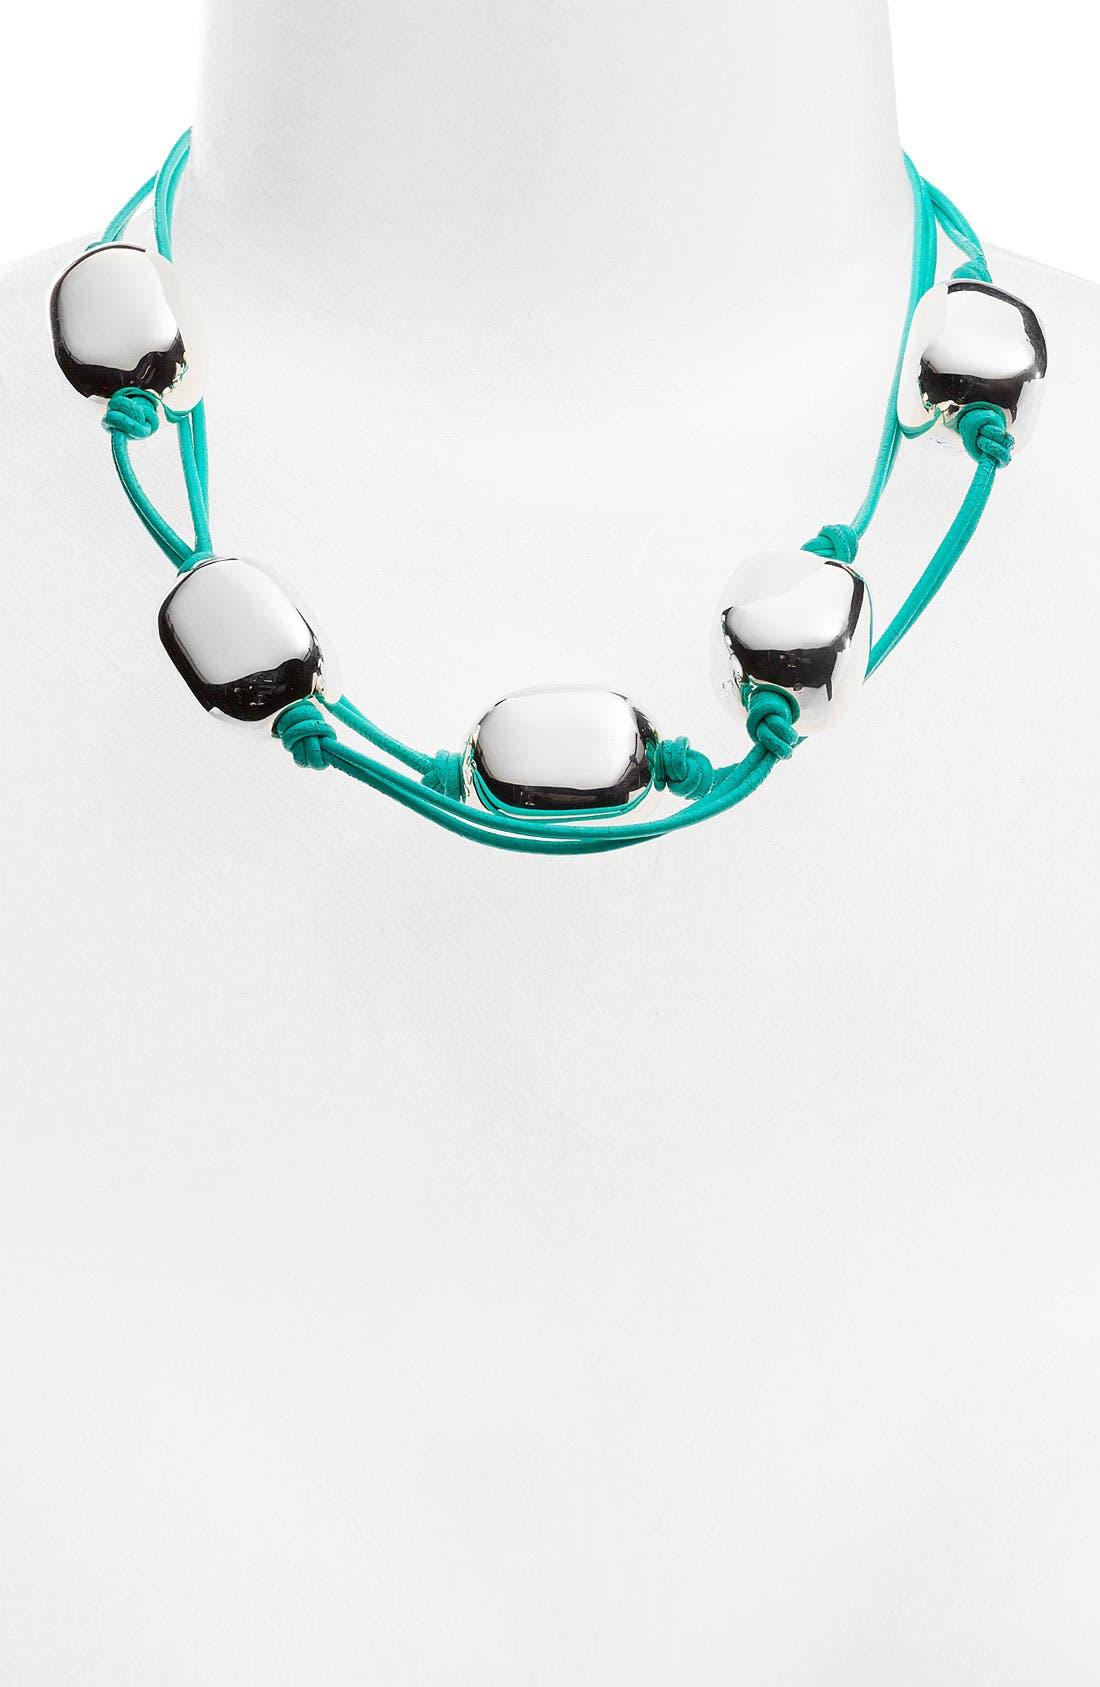 Main Image - Simon Sebbag 'Caicos' 5-Bead Necklace